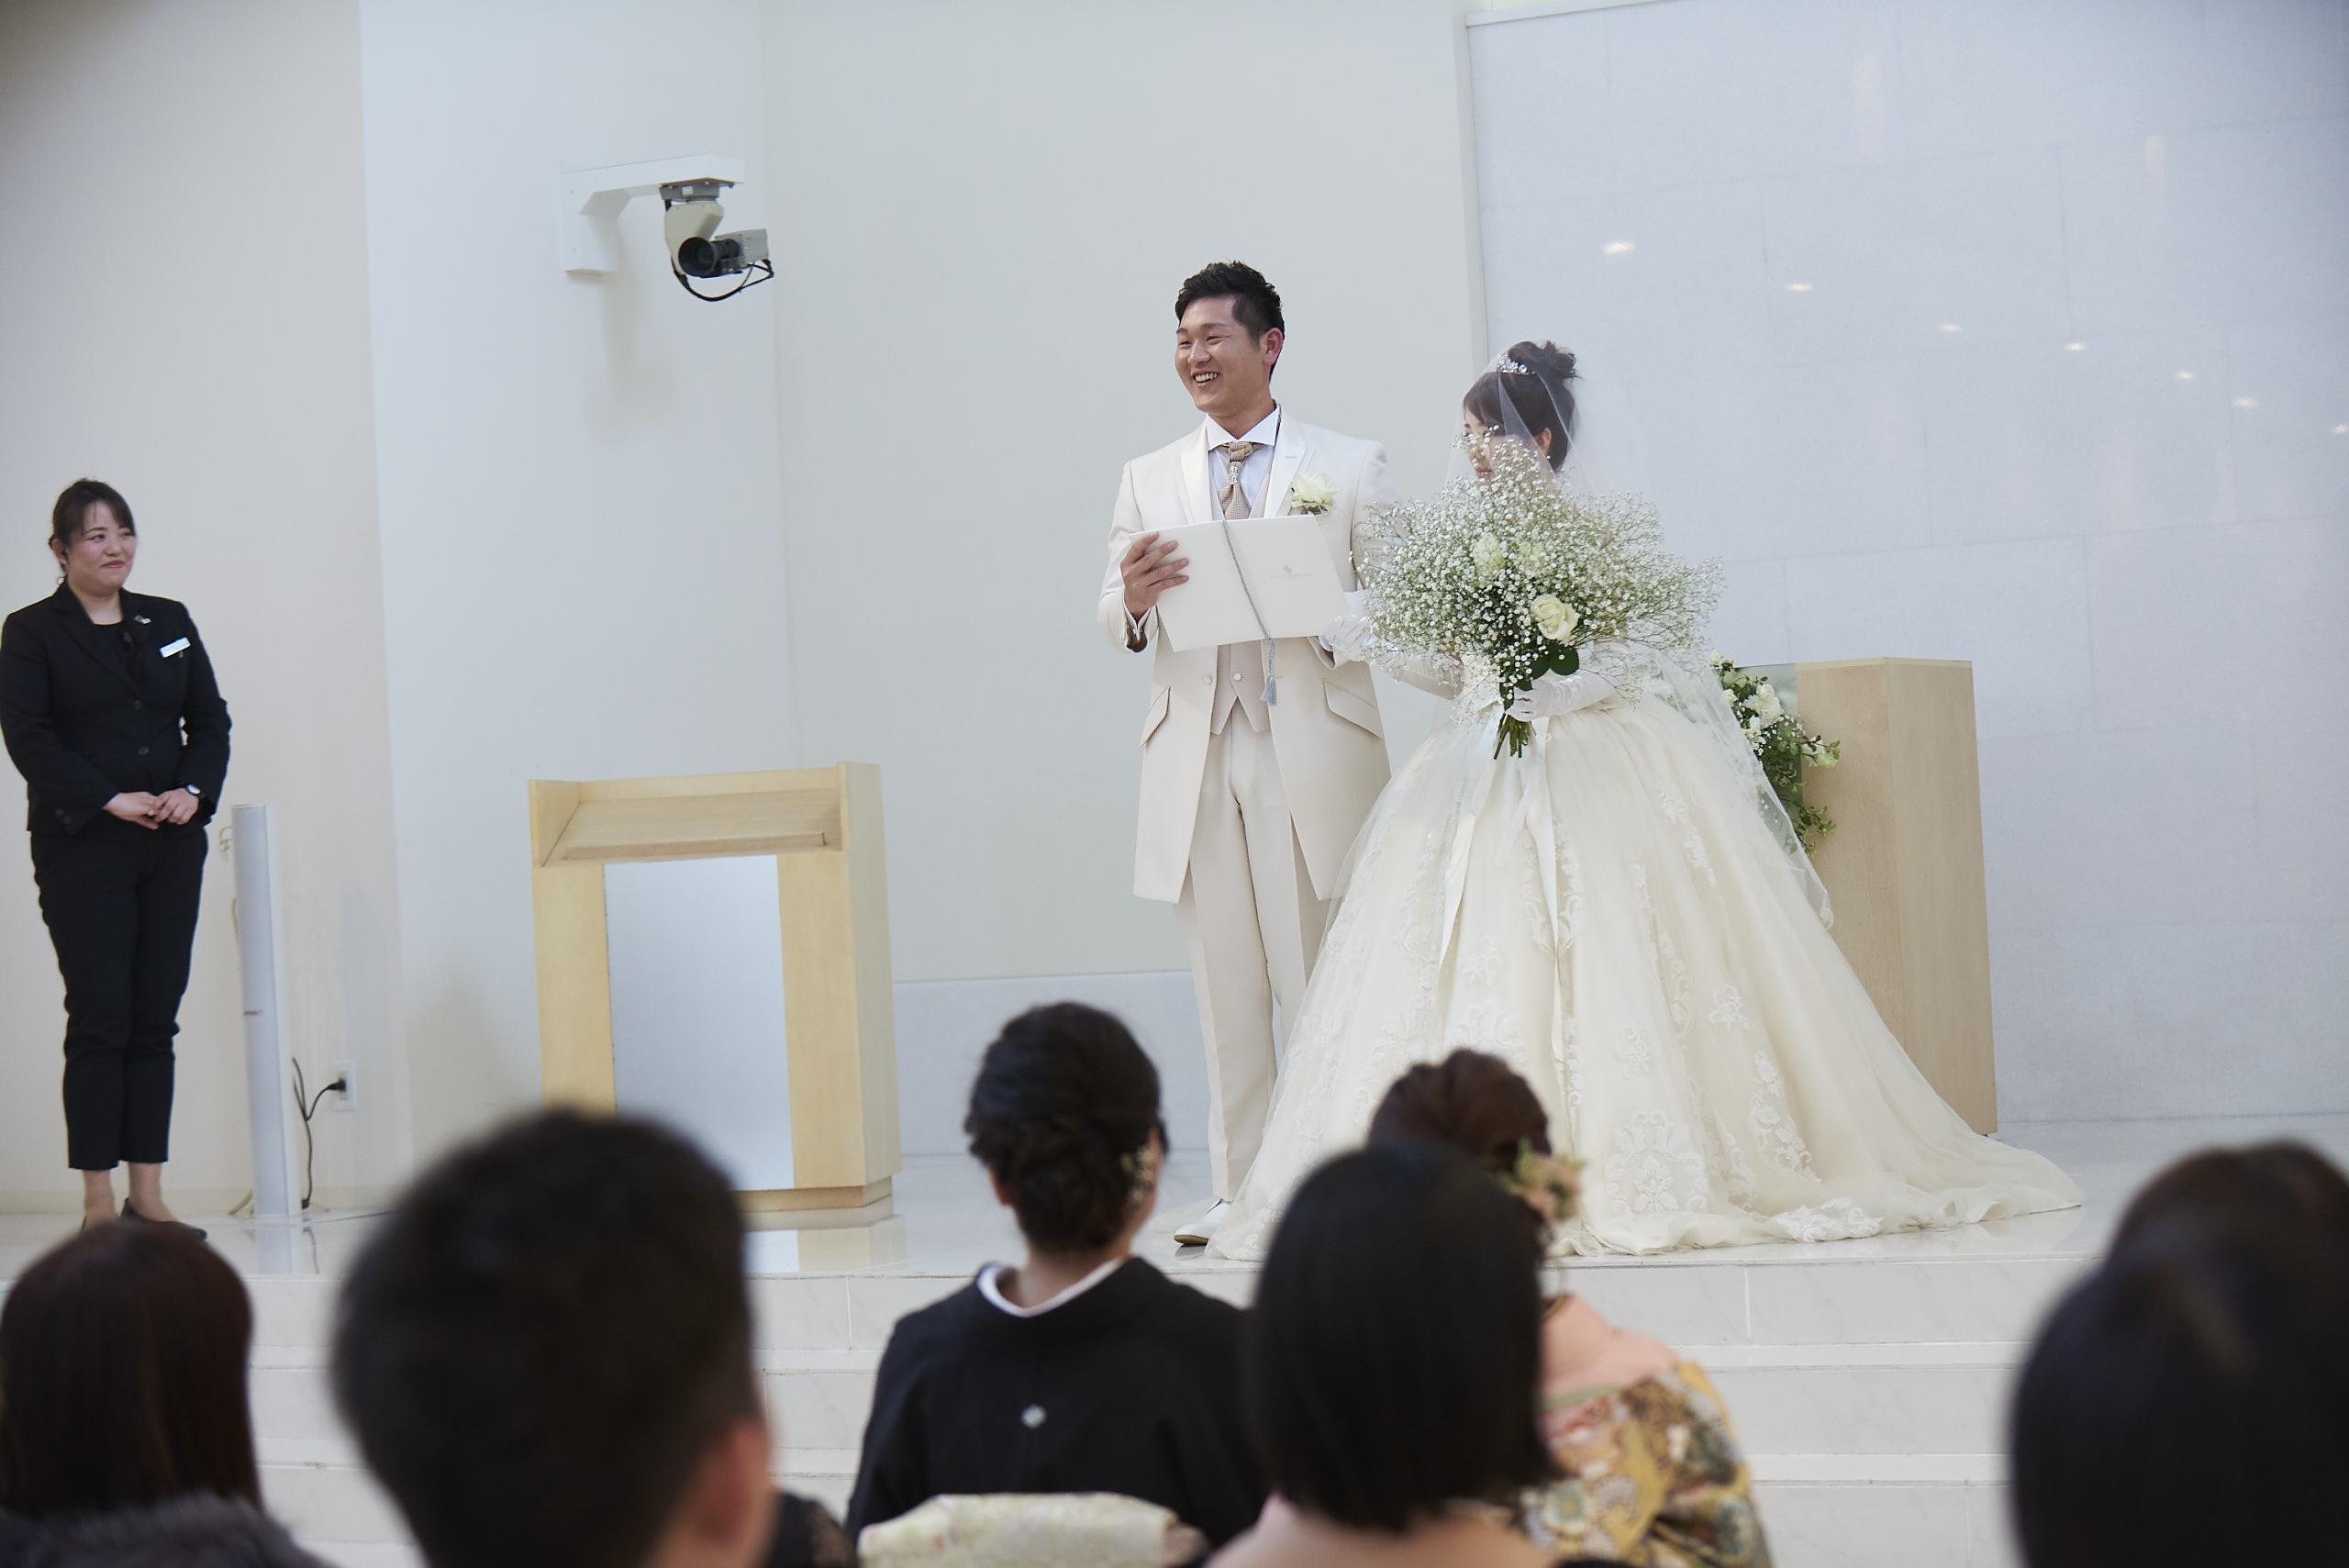 徳島市の結婚式場ブランアンジュの人前式で誓いの詞を述べる新郎新婦様